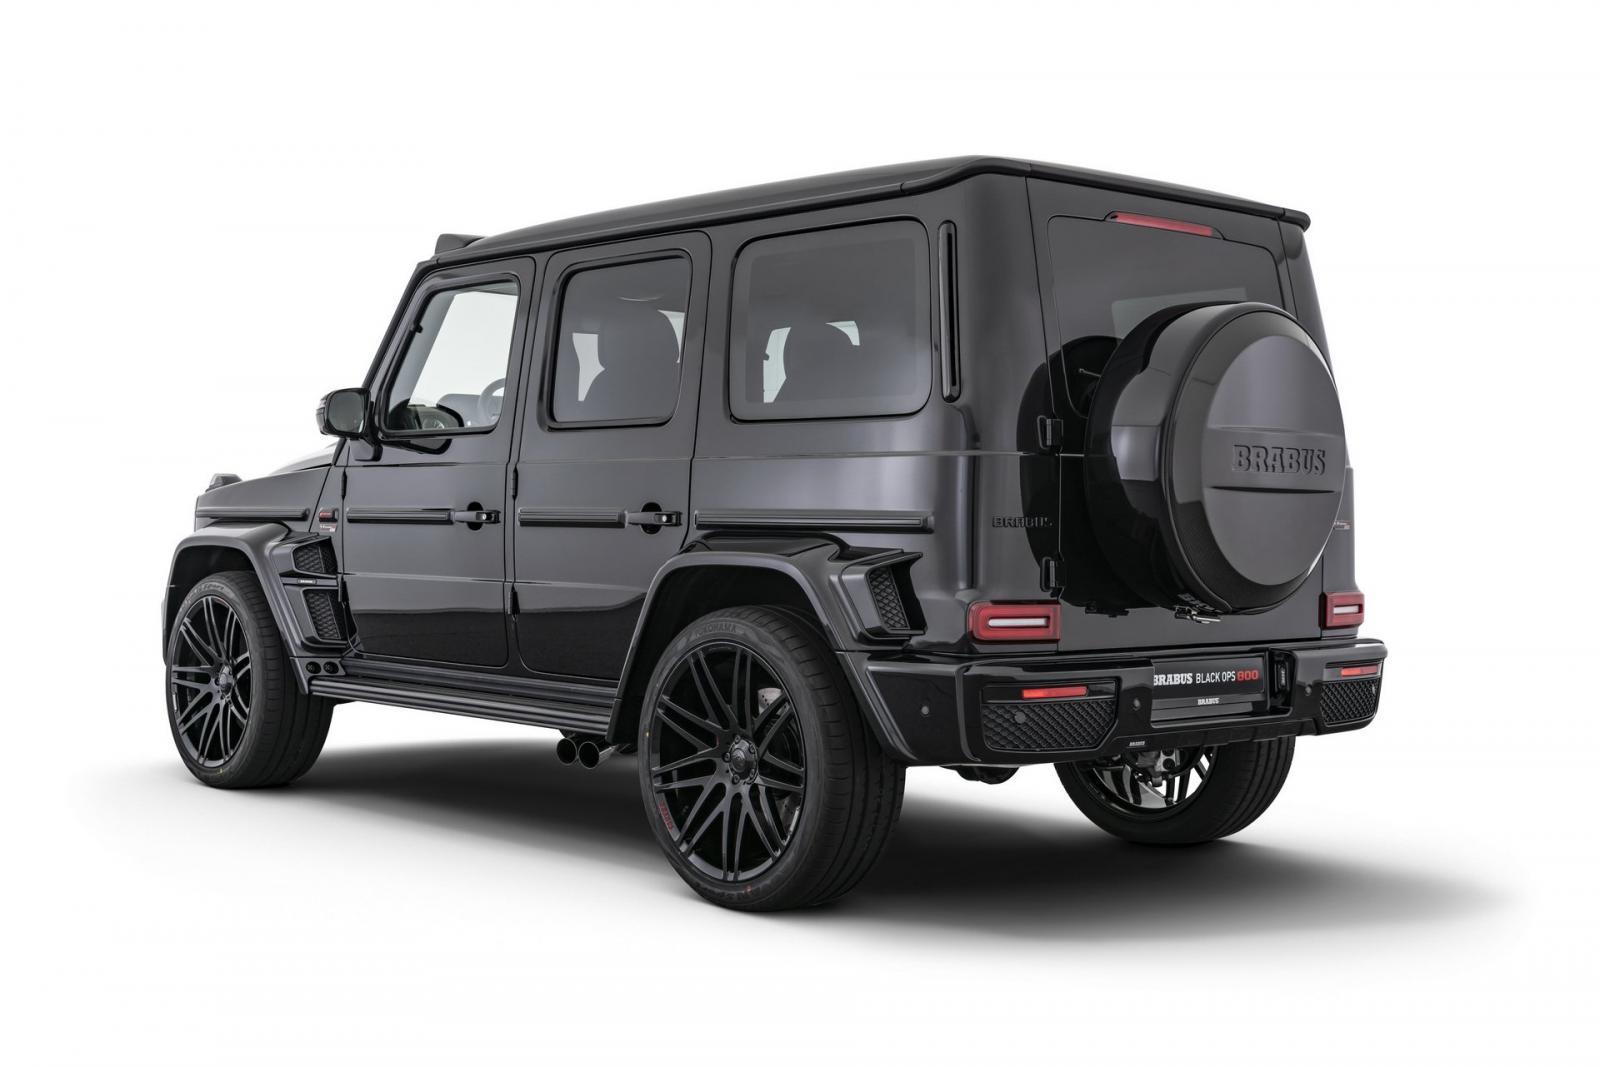 Mercedes-AMG Black Ops y Shadow, dos SUV extremas creadas por Brabus